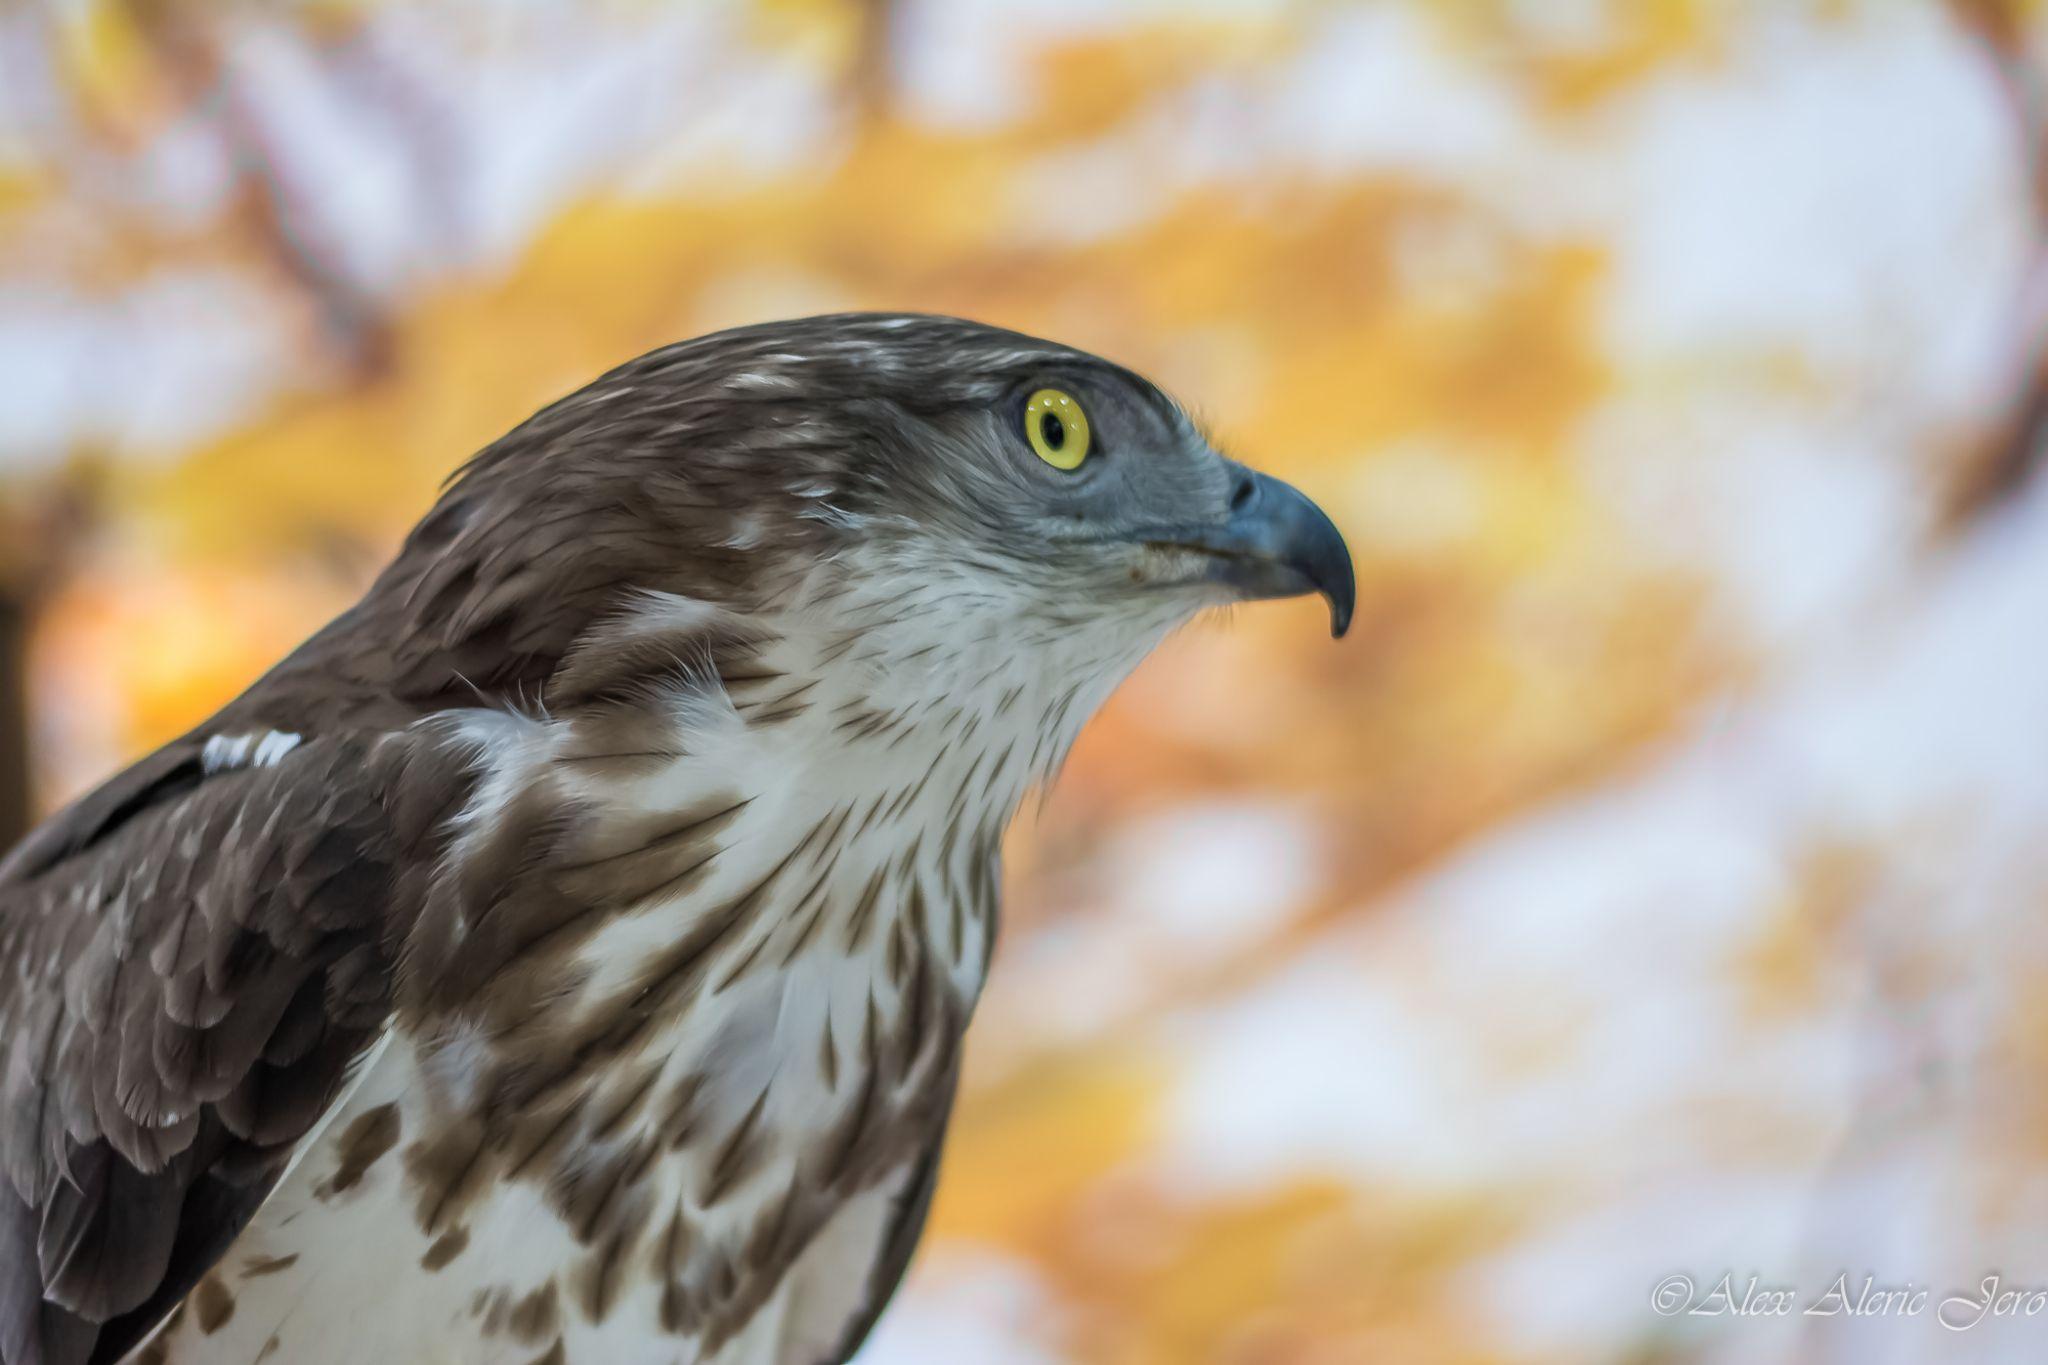 Falcon by alexaldericjero